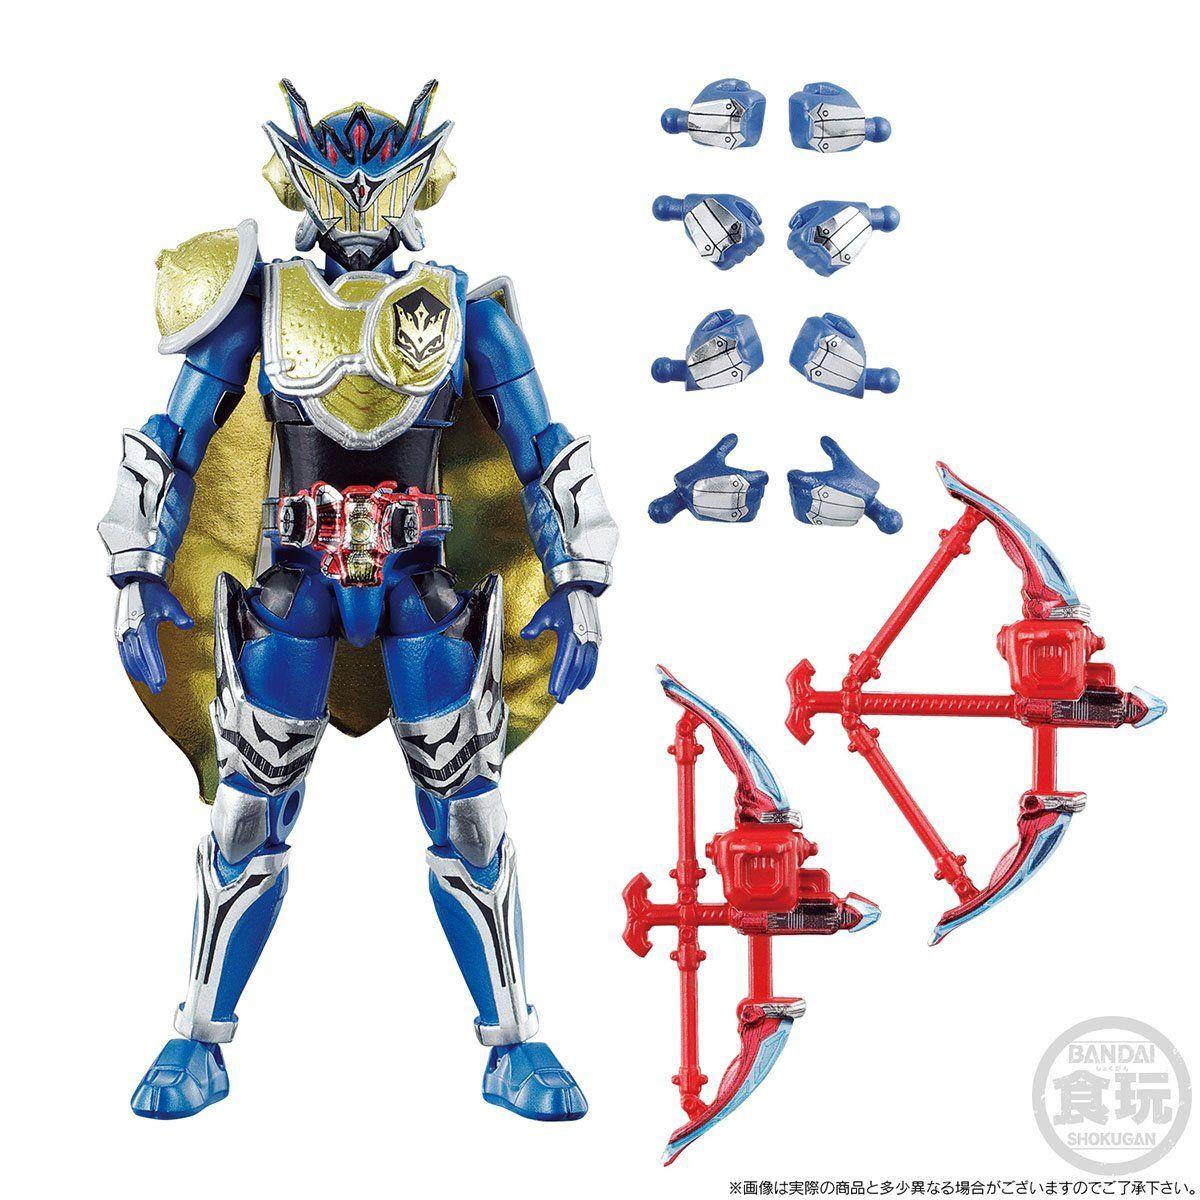 【限定販売】【食玩】SO-DO CHRONICLE『仮面ライダー鎧武 ゲネシスライダーセット』可動フィギュア-008